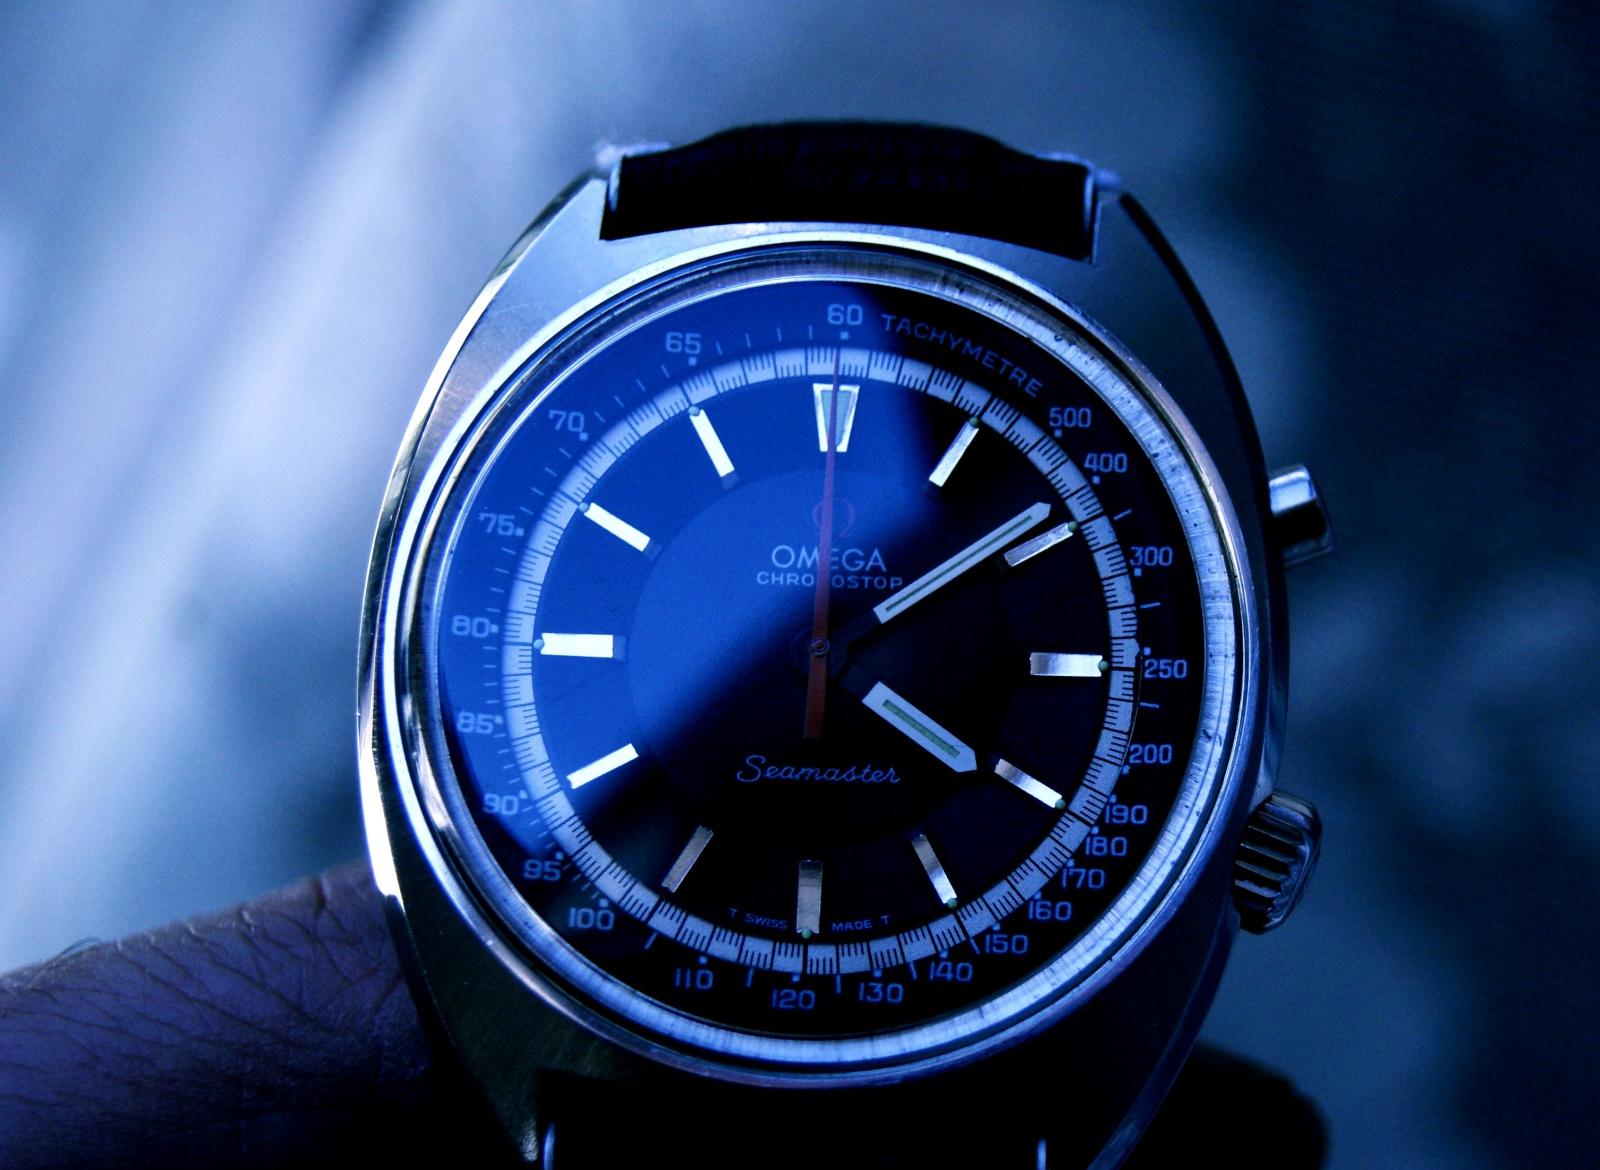 Omega seamsater chronostop